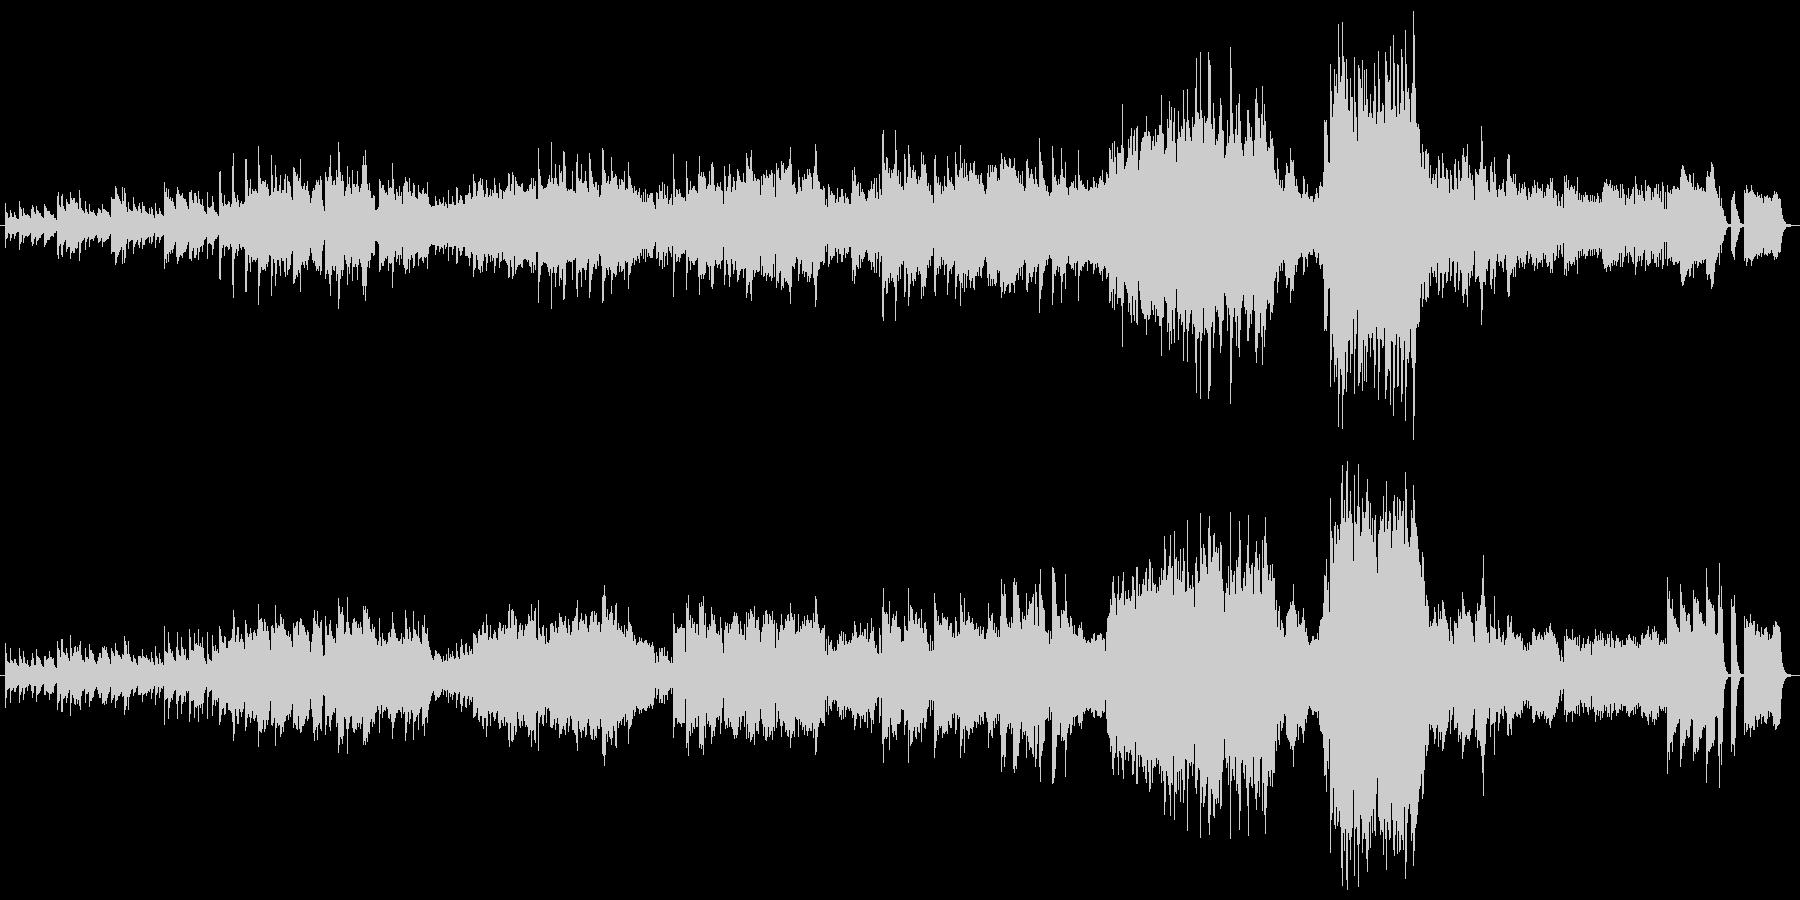 ワルツ 第2番 ピアノ+オケ版の未再生の波形